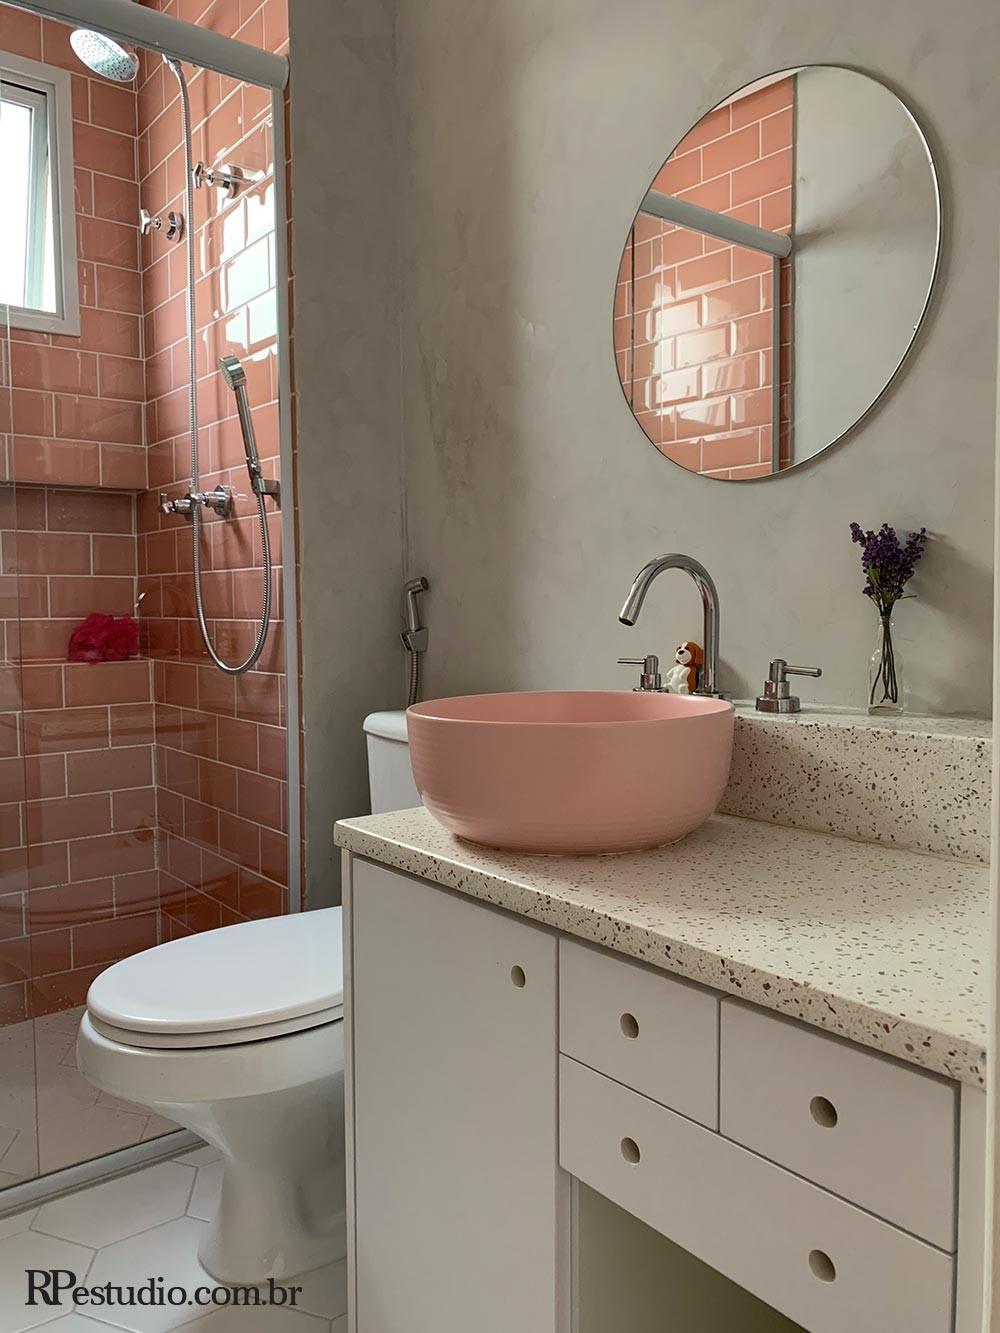 Banheiro com revestimento na parede em cimento queimado, com azulejos e louça na cor rosé